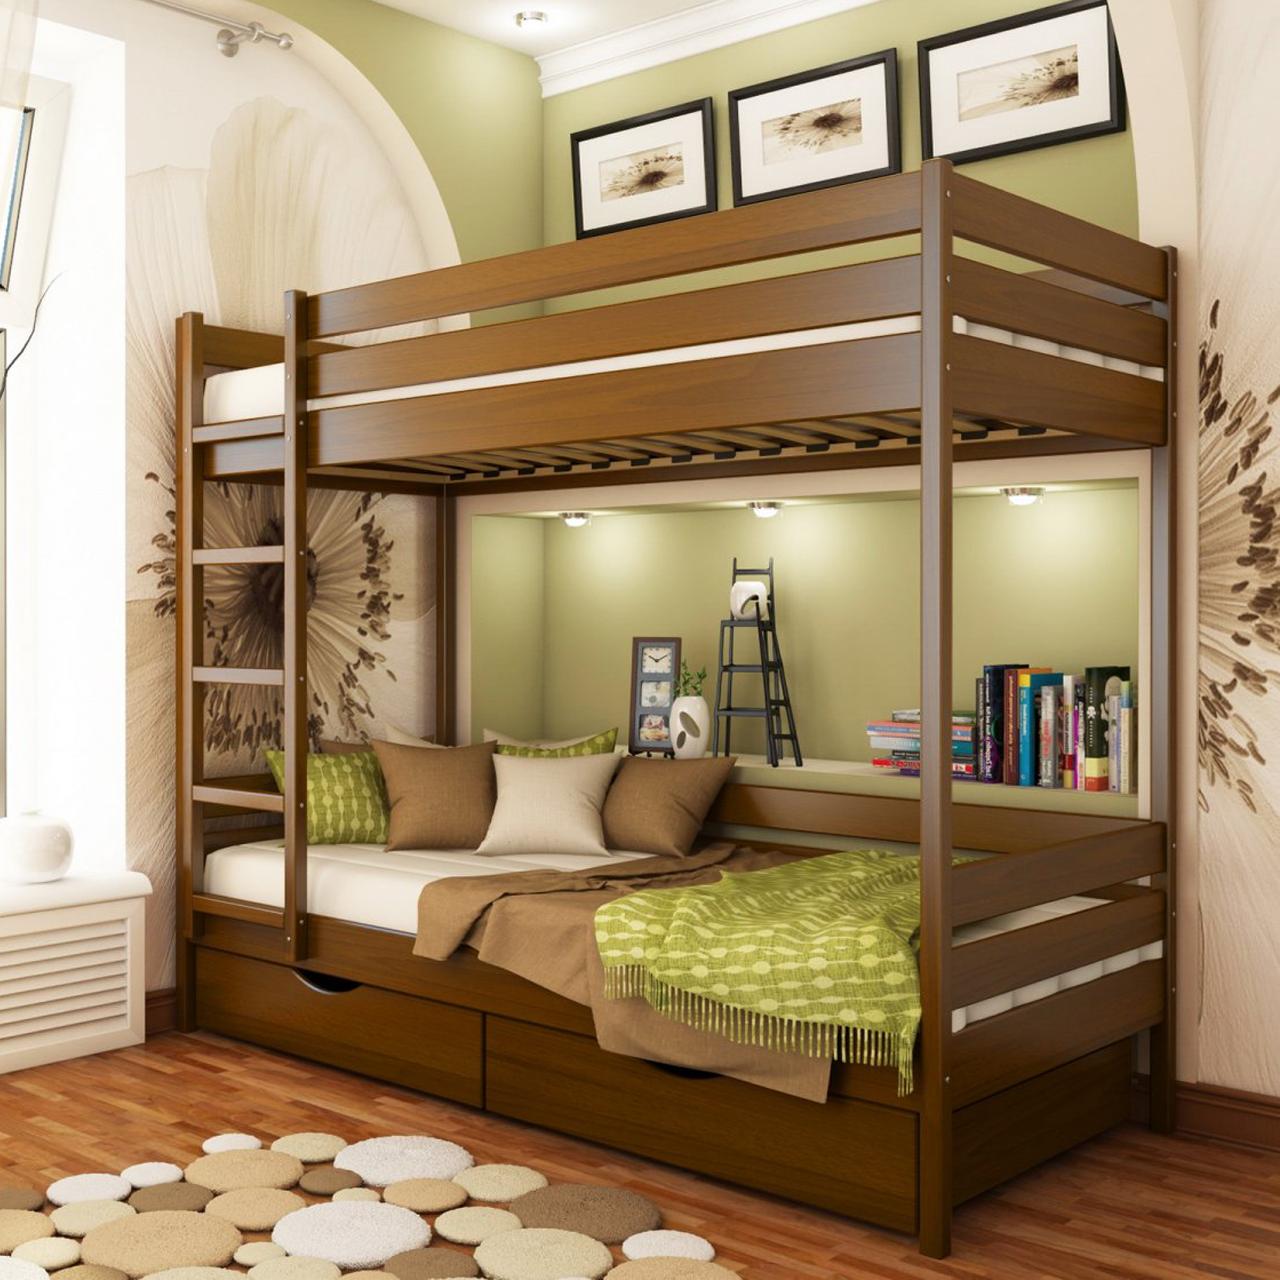 Кровать двухъярусная деревянная Дуэт (бук)